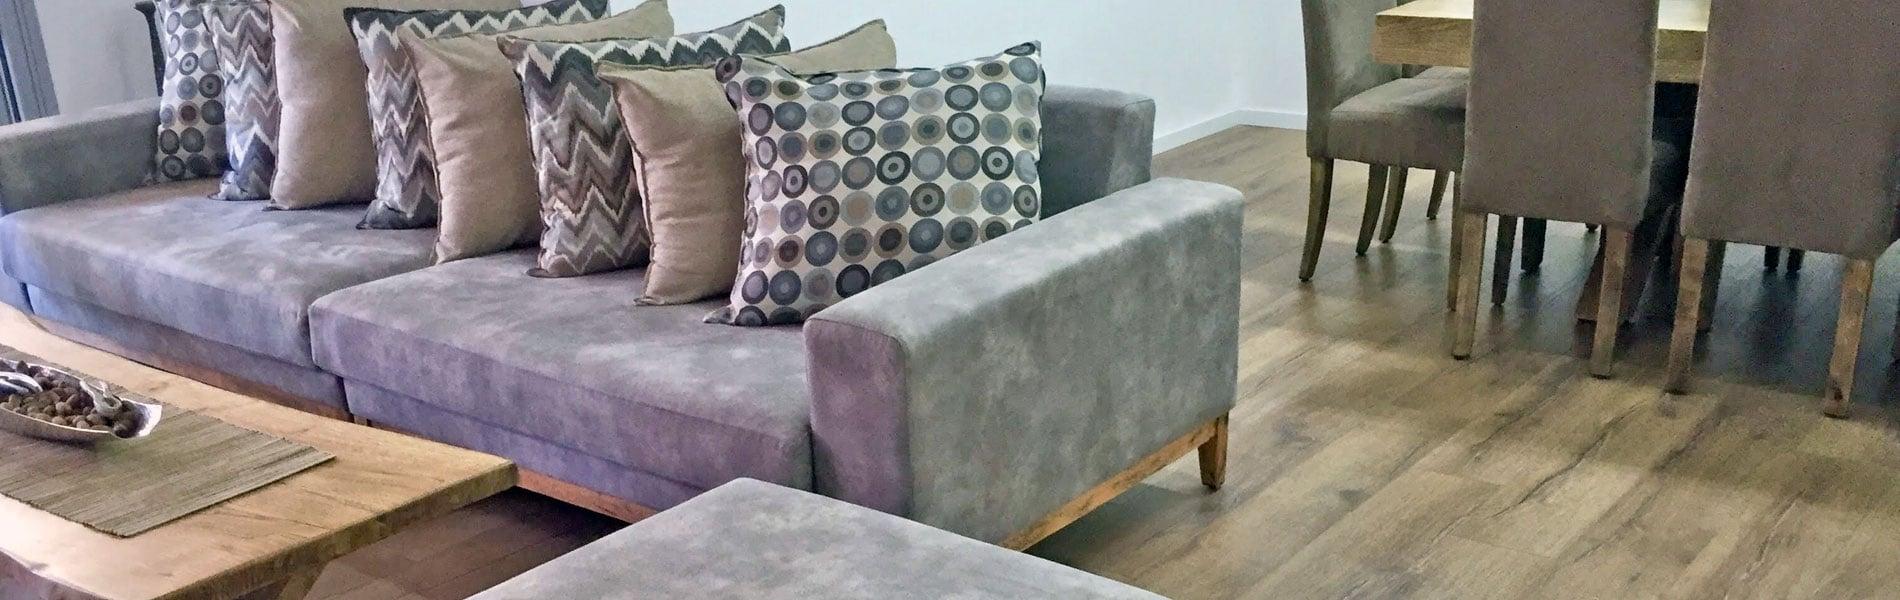 פרקט אלון בדירה ביבנה - ארודור פרקטים ושעם